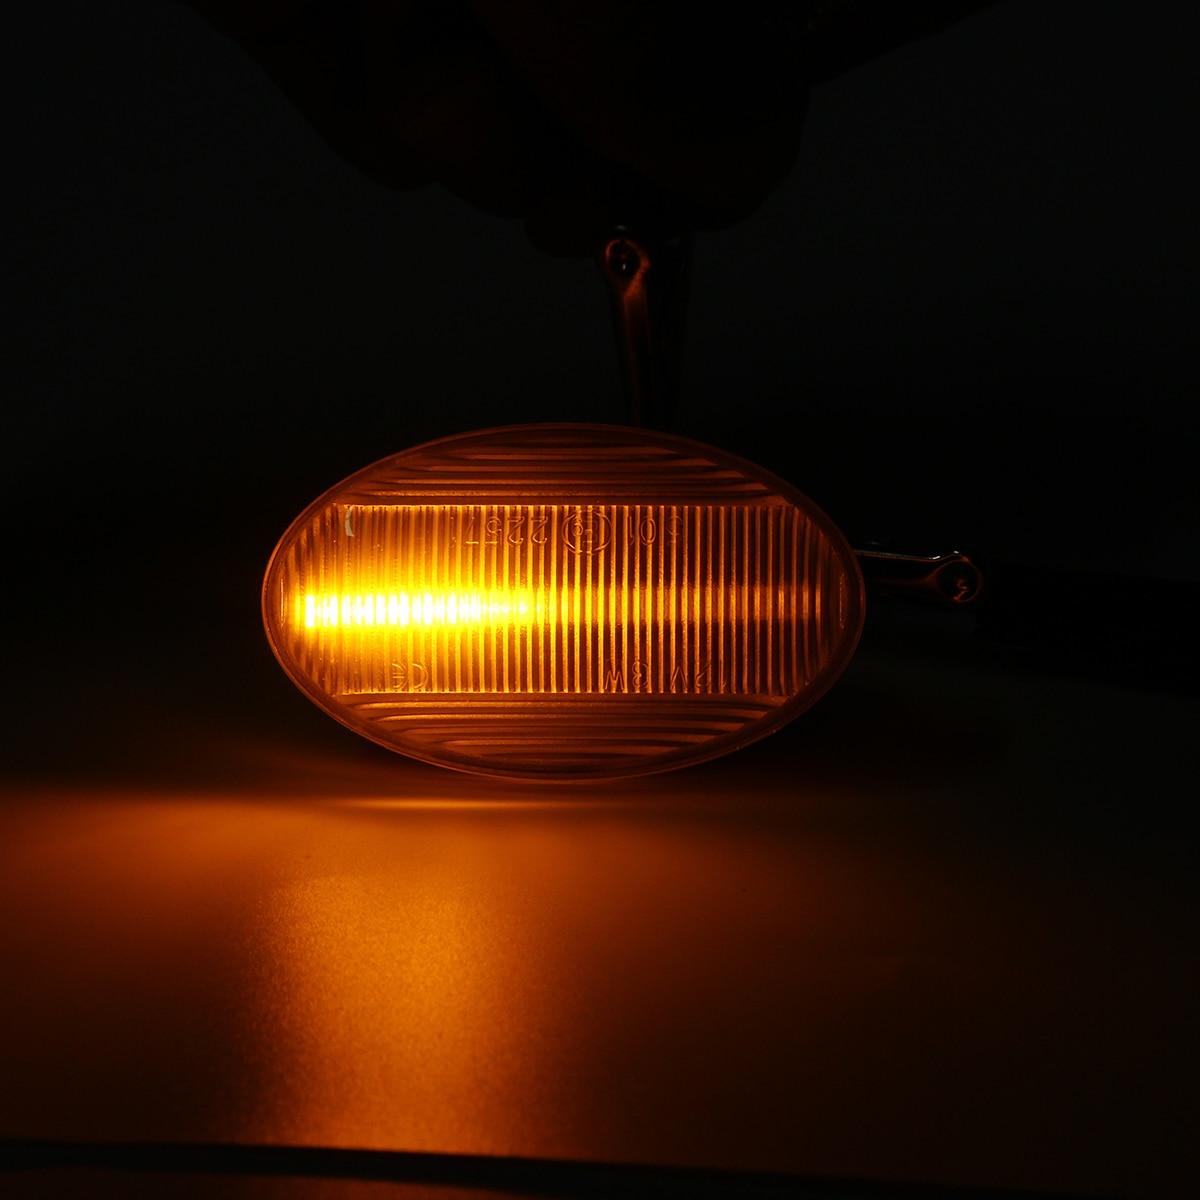 2x Dynamic LED Side Marker signal Light For Benz W450 W452 W168 W447 Vito W639